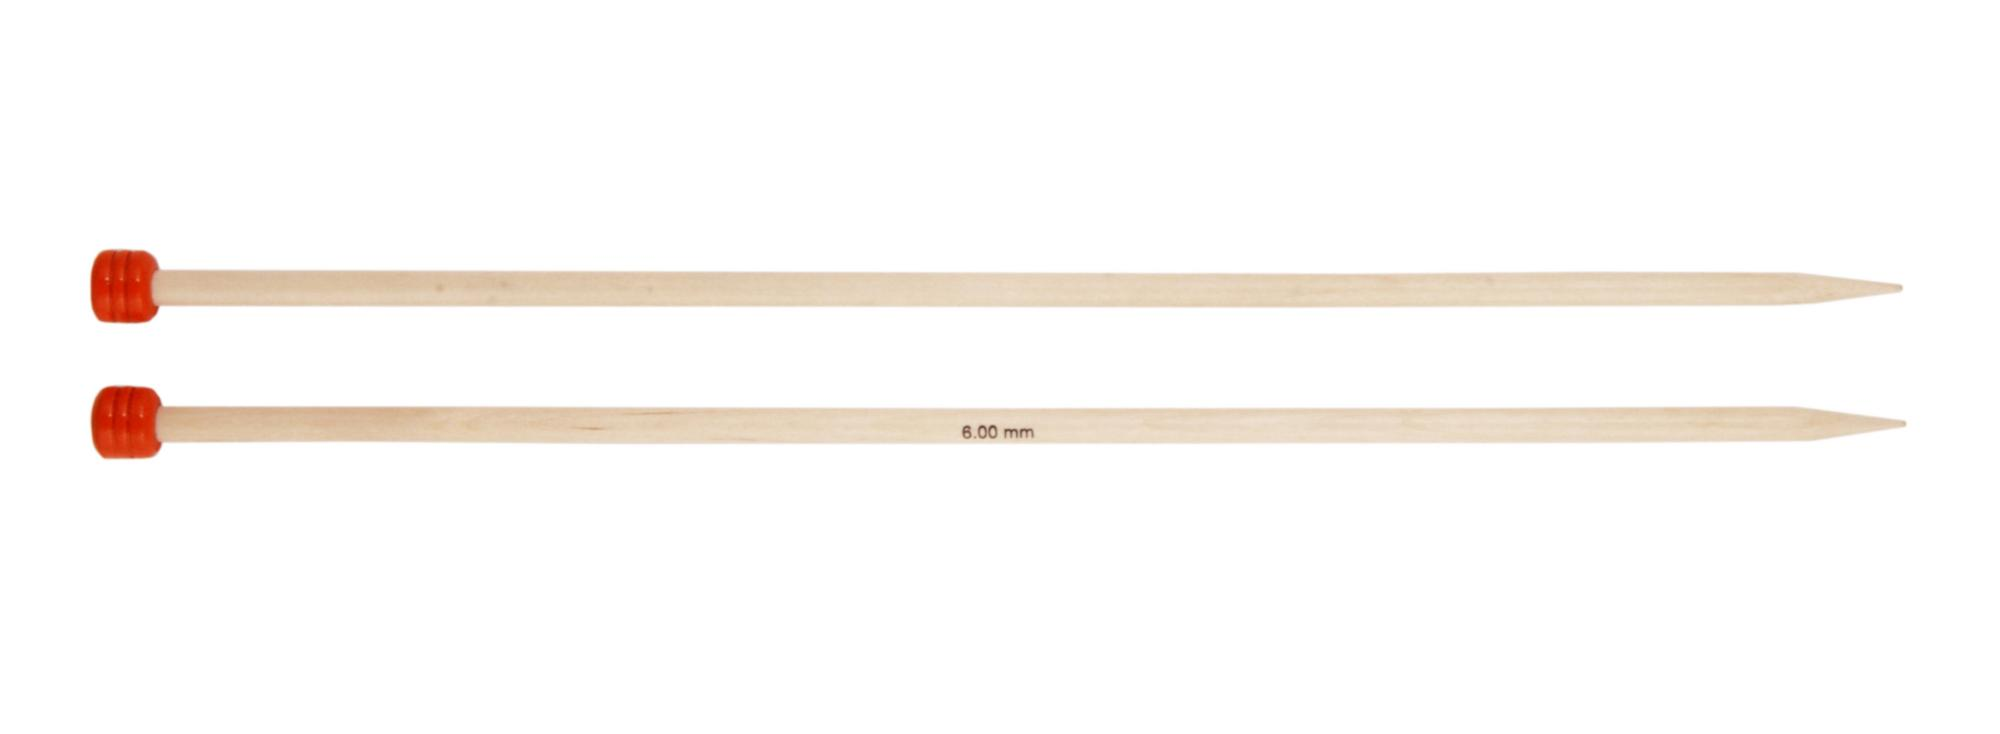 Спицы прямые 25 см Basix Birch Wood KnitPro, 35210, 8.00 мм